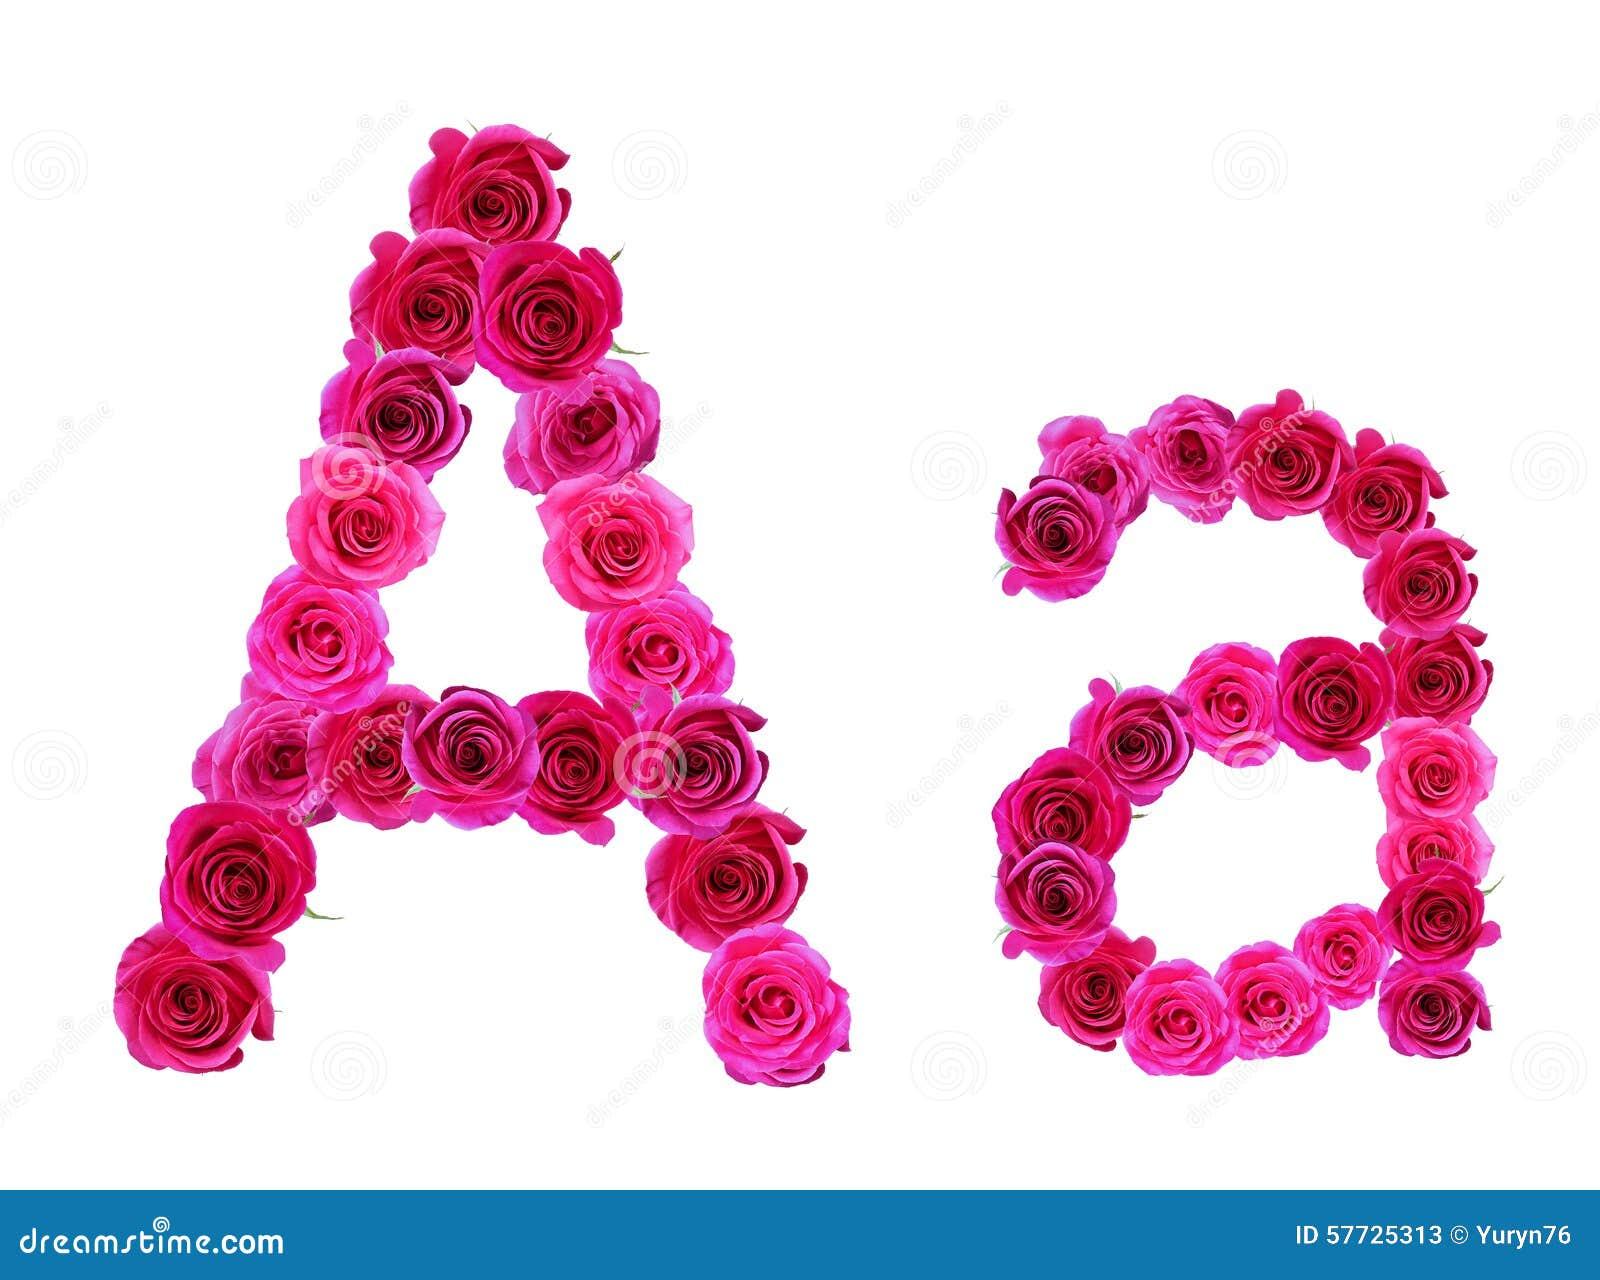 ... nature floral foliage flora natural abc, letters organic set leaf